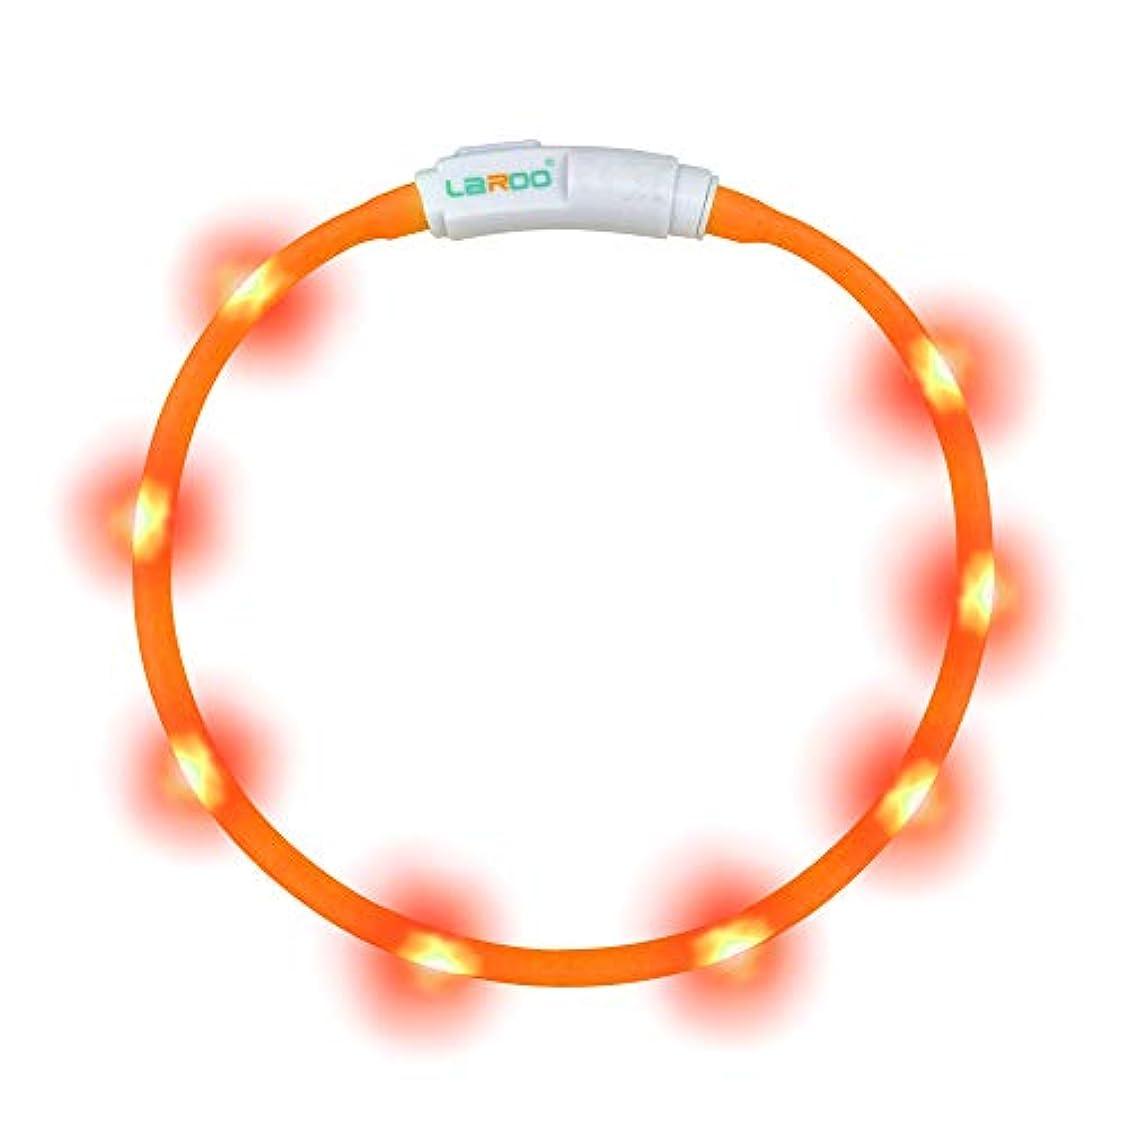 悪性腫瘍必要とするバルコニーLaRoo-LED光る首輪 犬猫用長さ可調節-軽量USB充電式夜道の安全 発光首輪 -3モード発光 お散歩安全対策 視認性抜群(45cmオレンジ色)